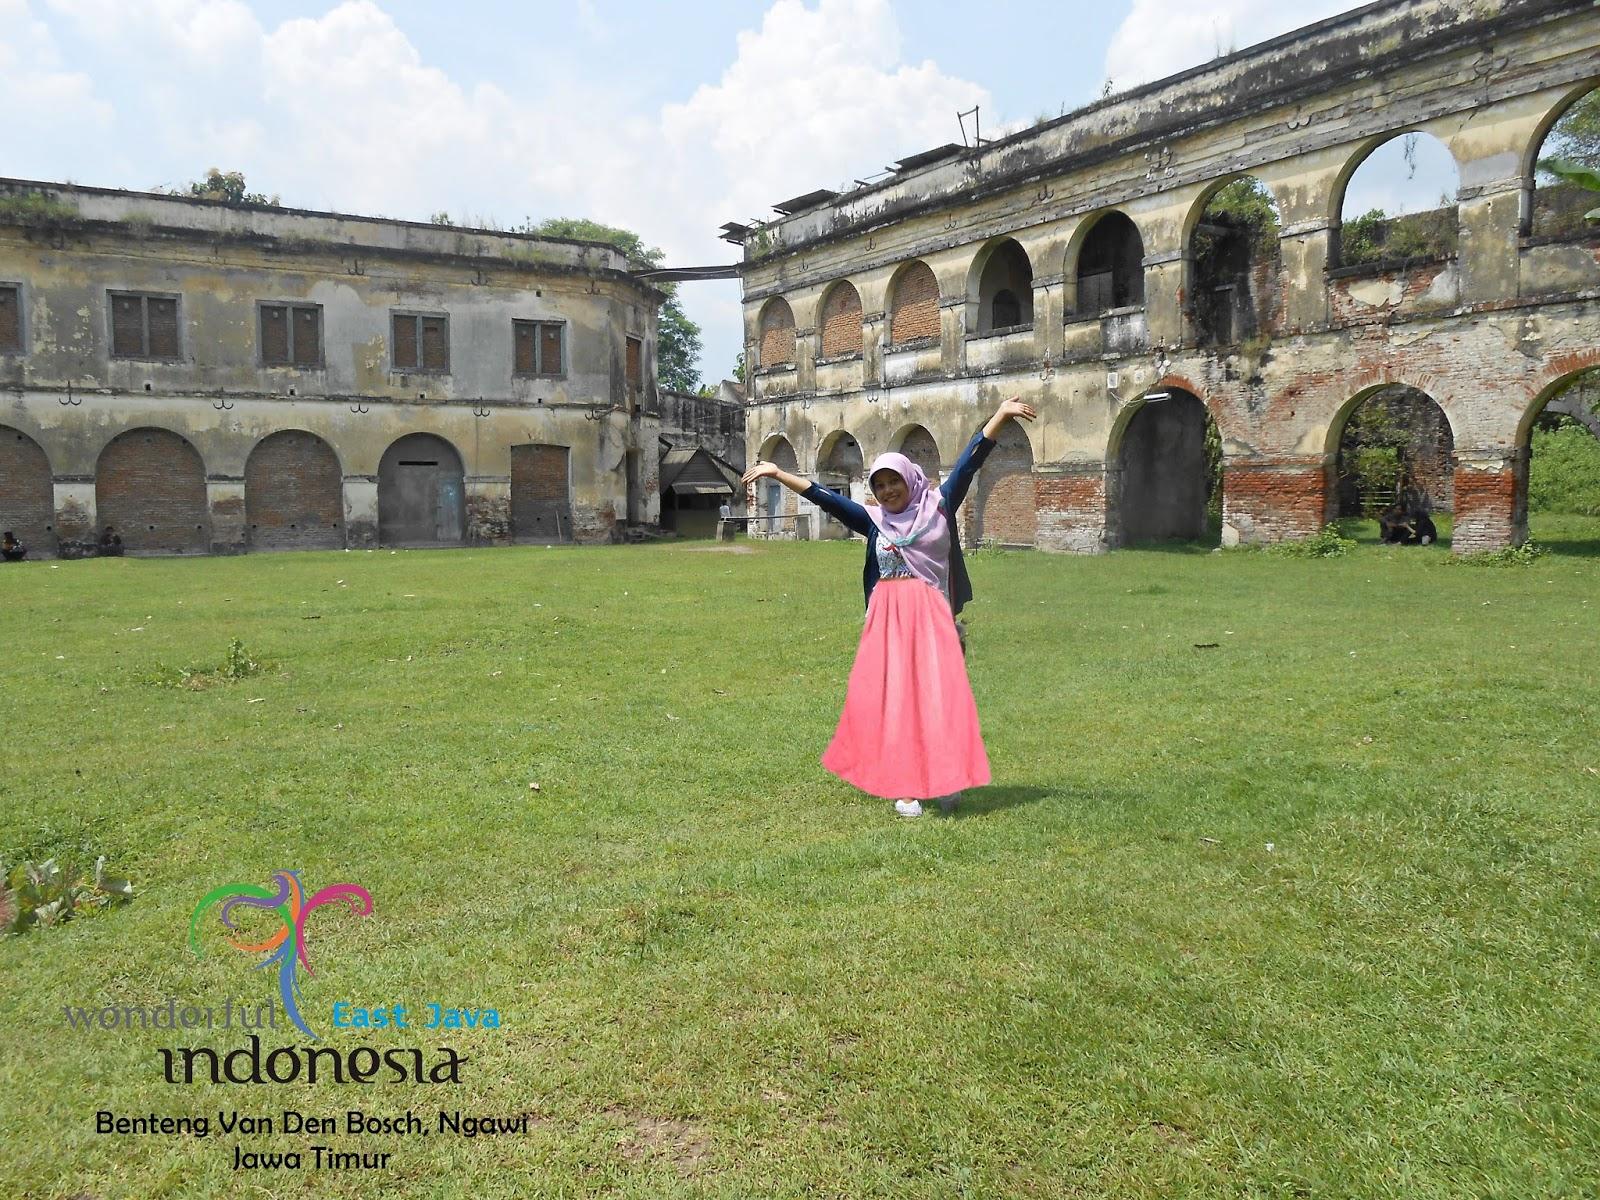 Wisata Jawa Timur Benteng Van Den Bosch Ngawi Cakra Baymax